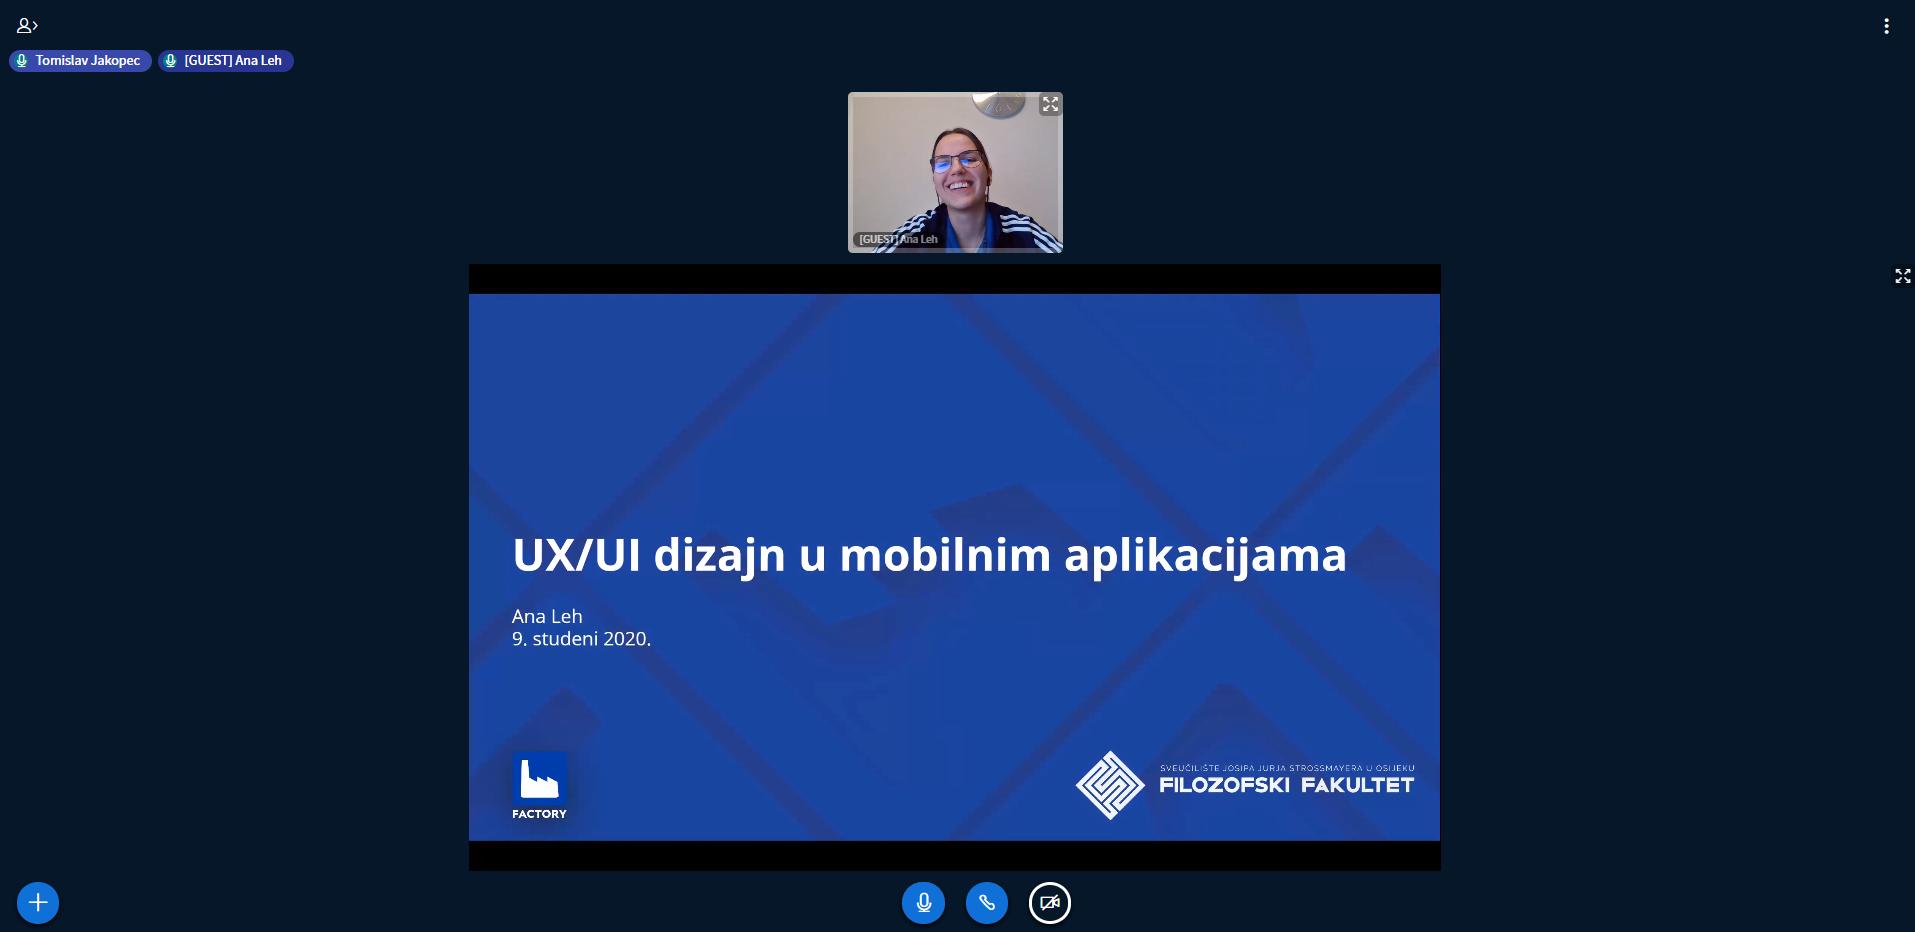 Predavanje Factoryja o UX-UI dizajnu mobilnih aplikacija u suradnji s Filozofskim fakultetom u Osijeku